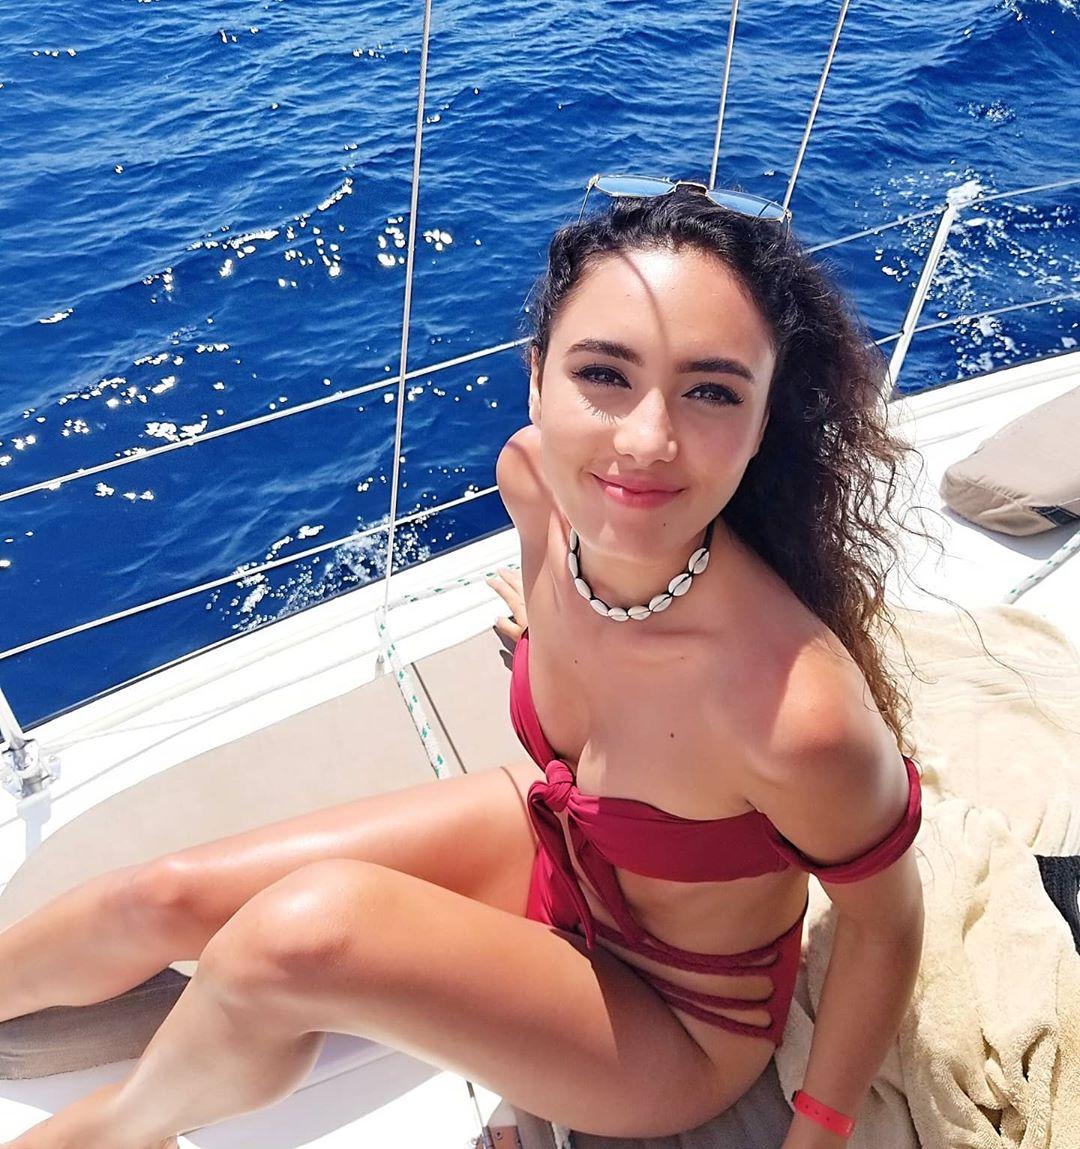 karolina vidales, candidata a miss mexico (mundo) 2020, representando michoacan. - Página 3 90961010